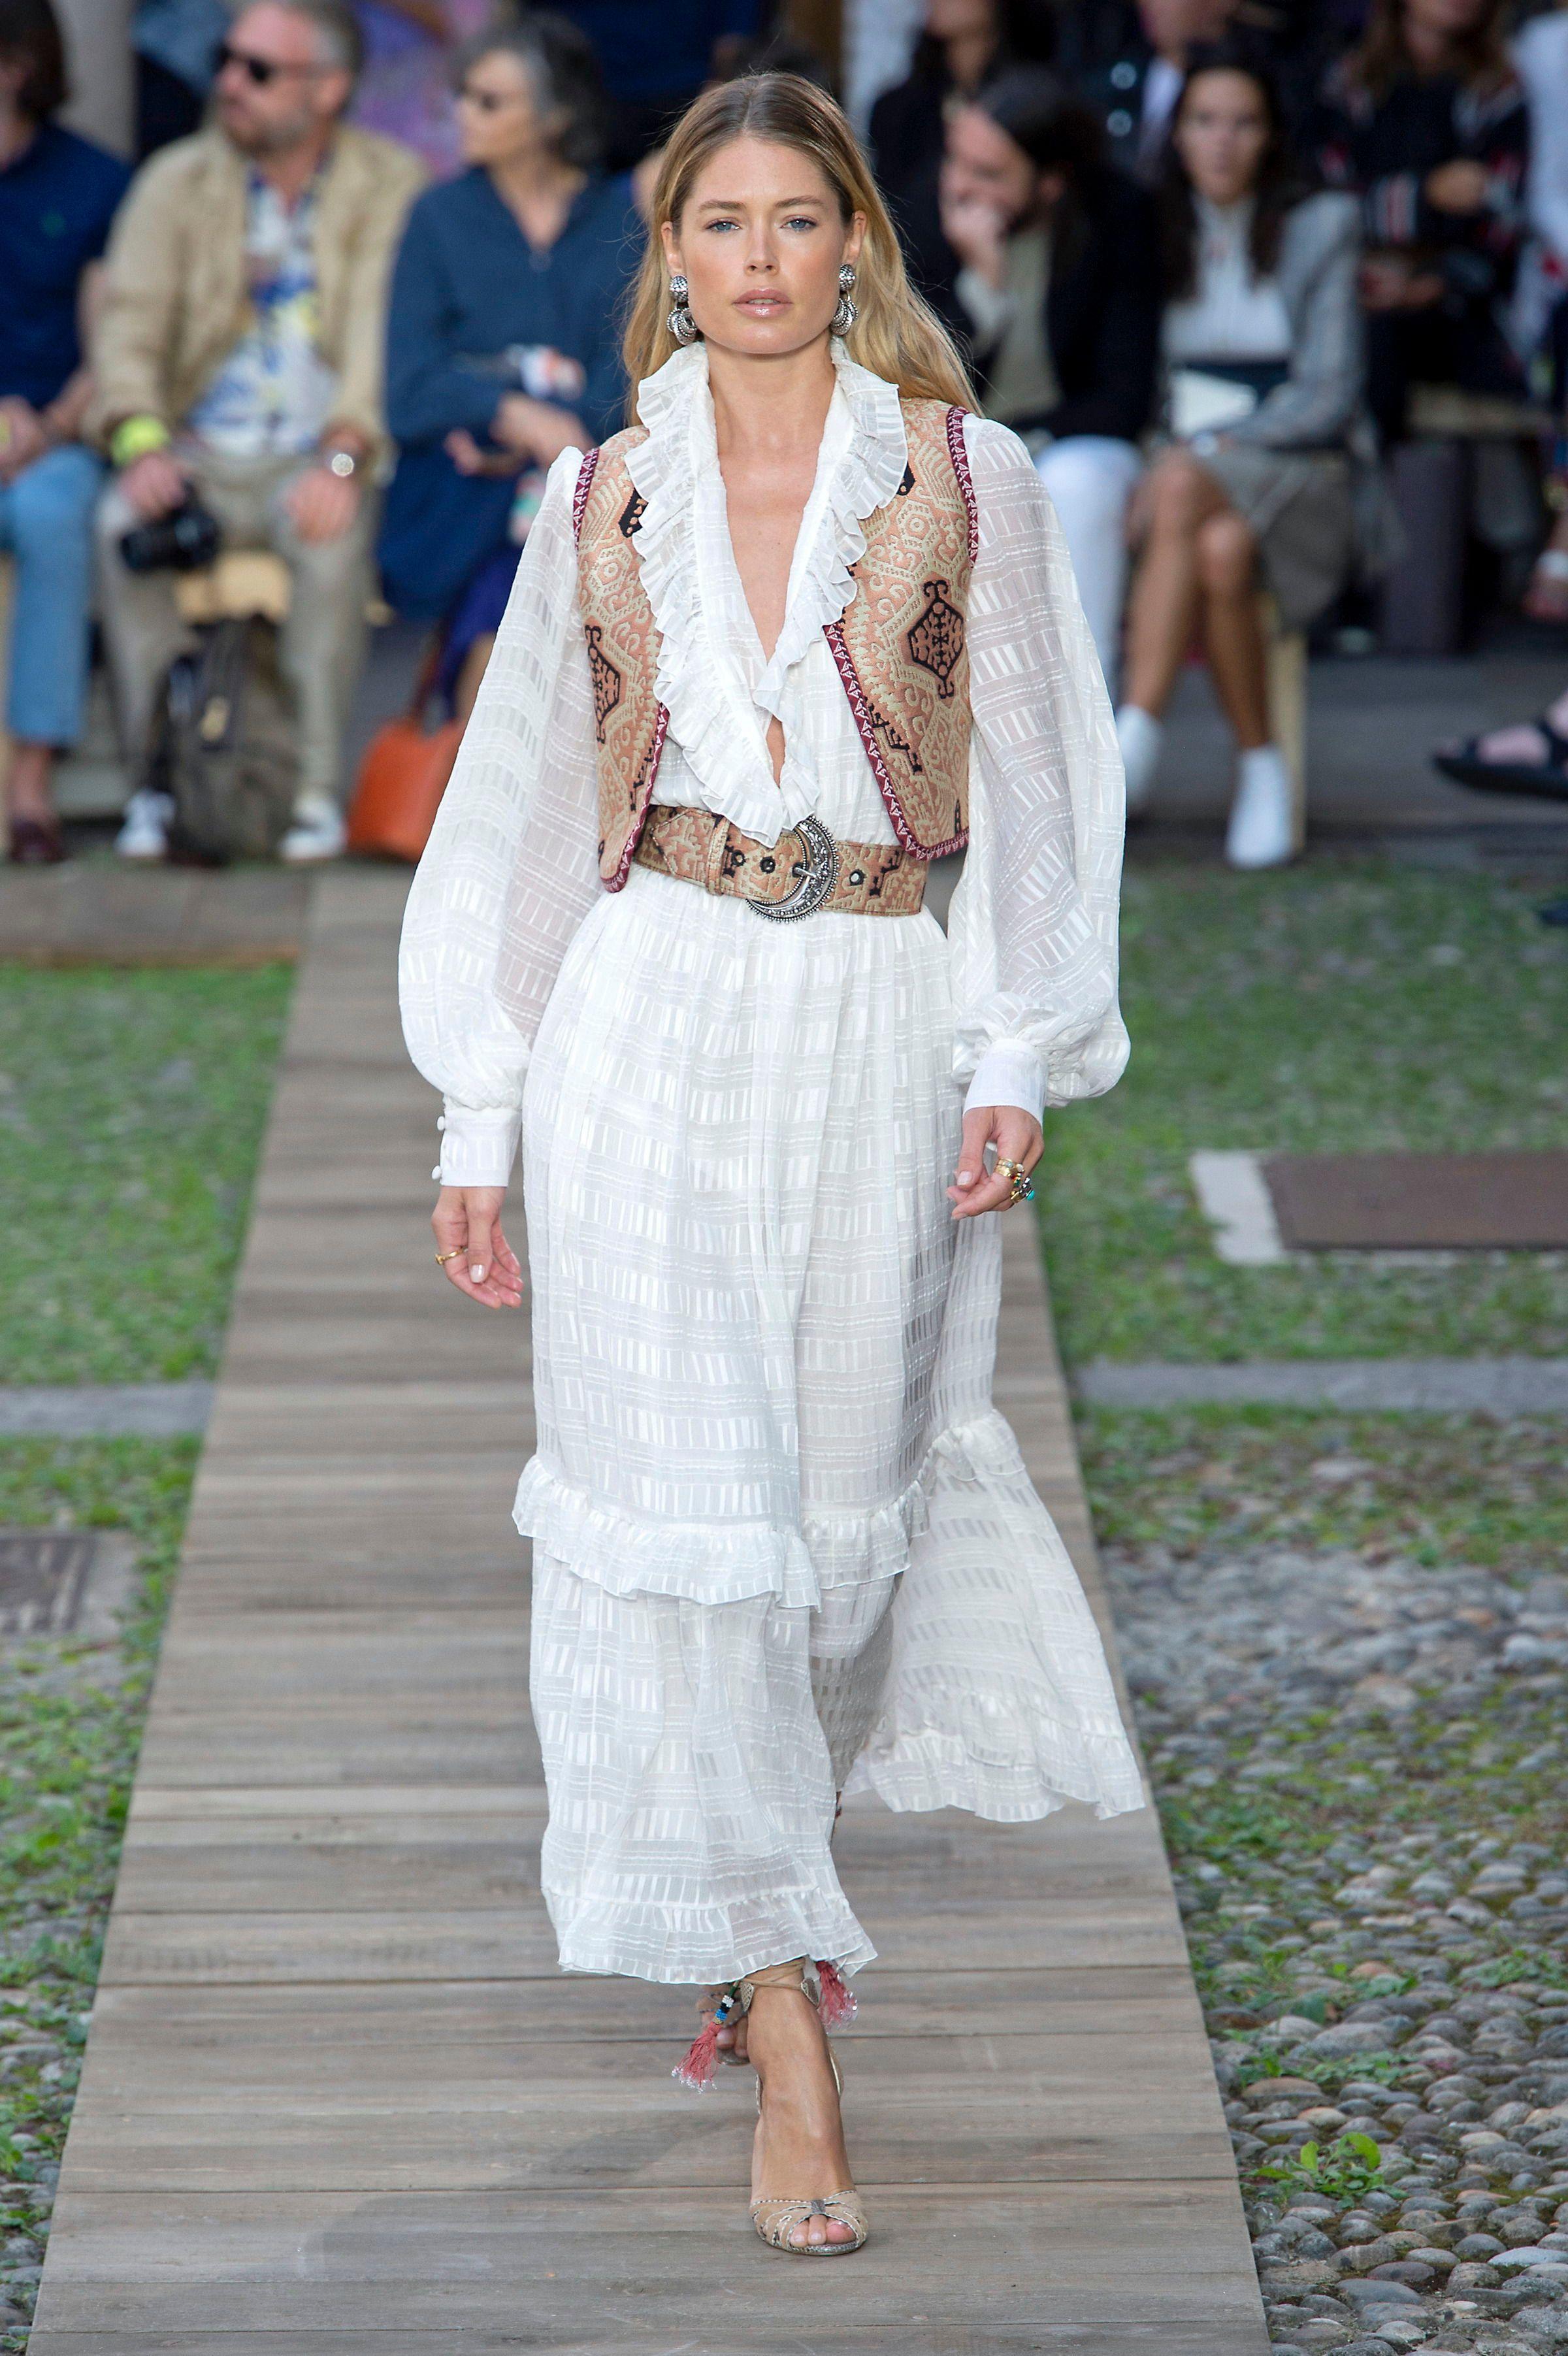 Sommerkleider mit Volants sind ein Modetrend 2020 in 2020 ...